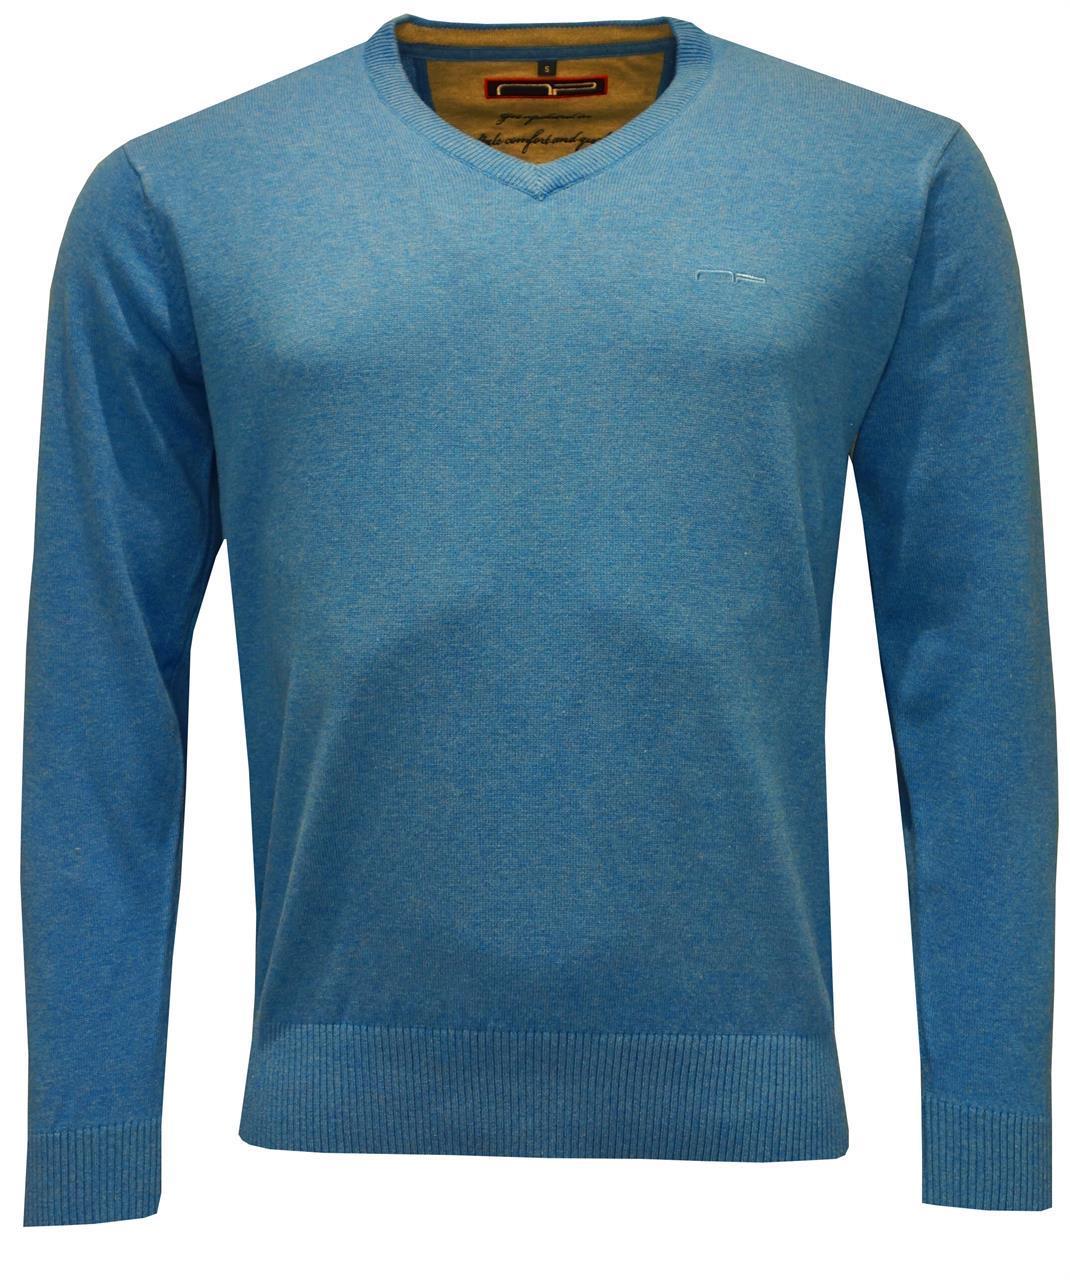 V -neck 1670 Mid Blue S